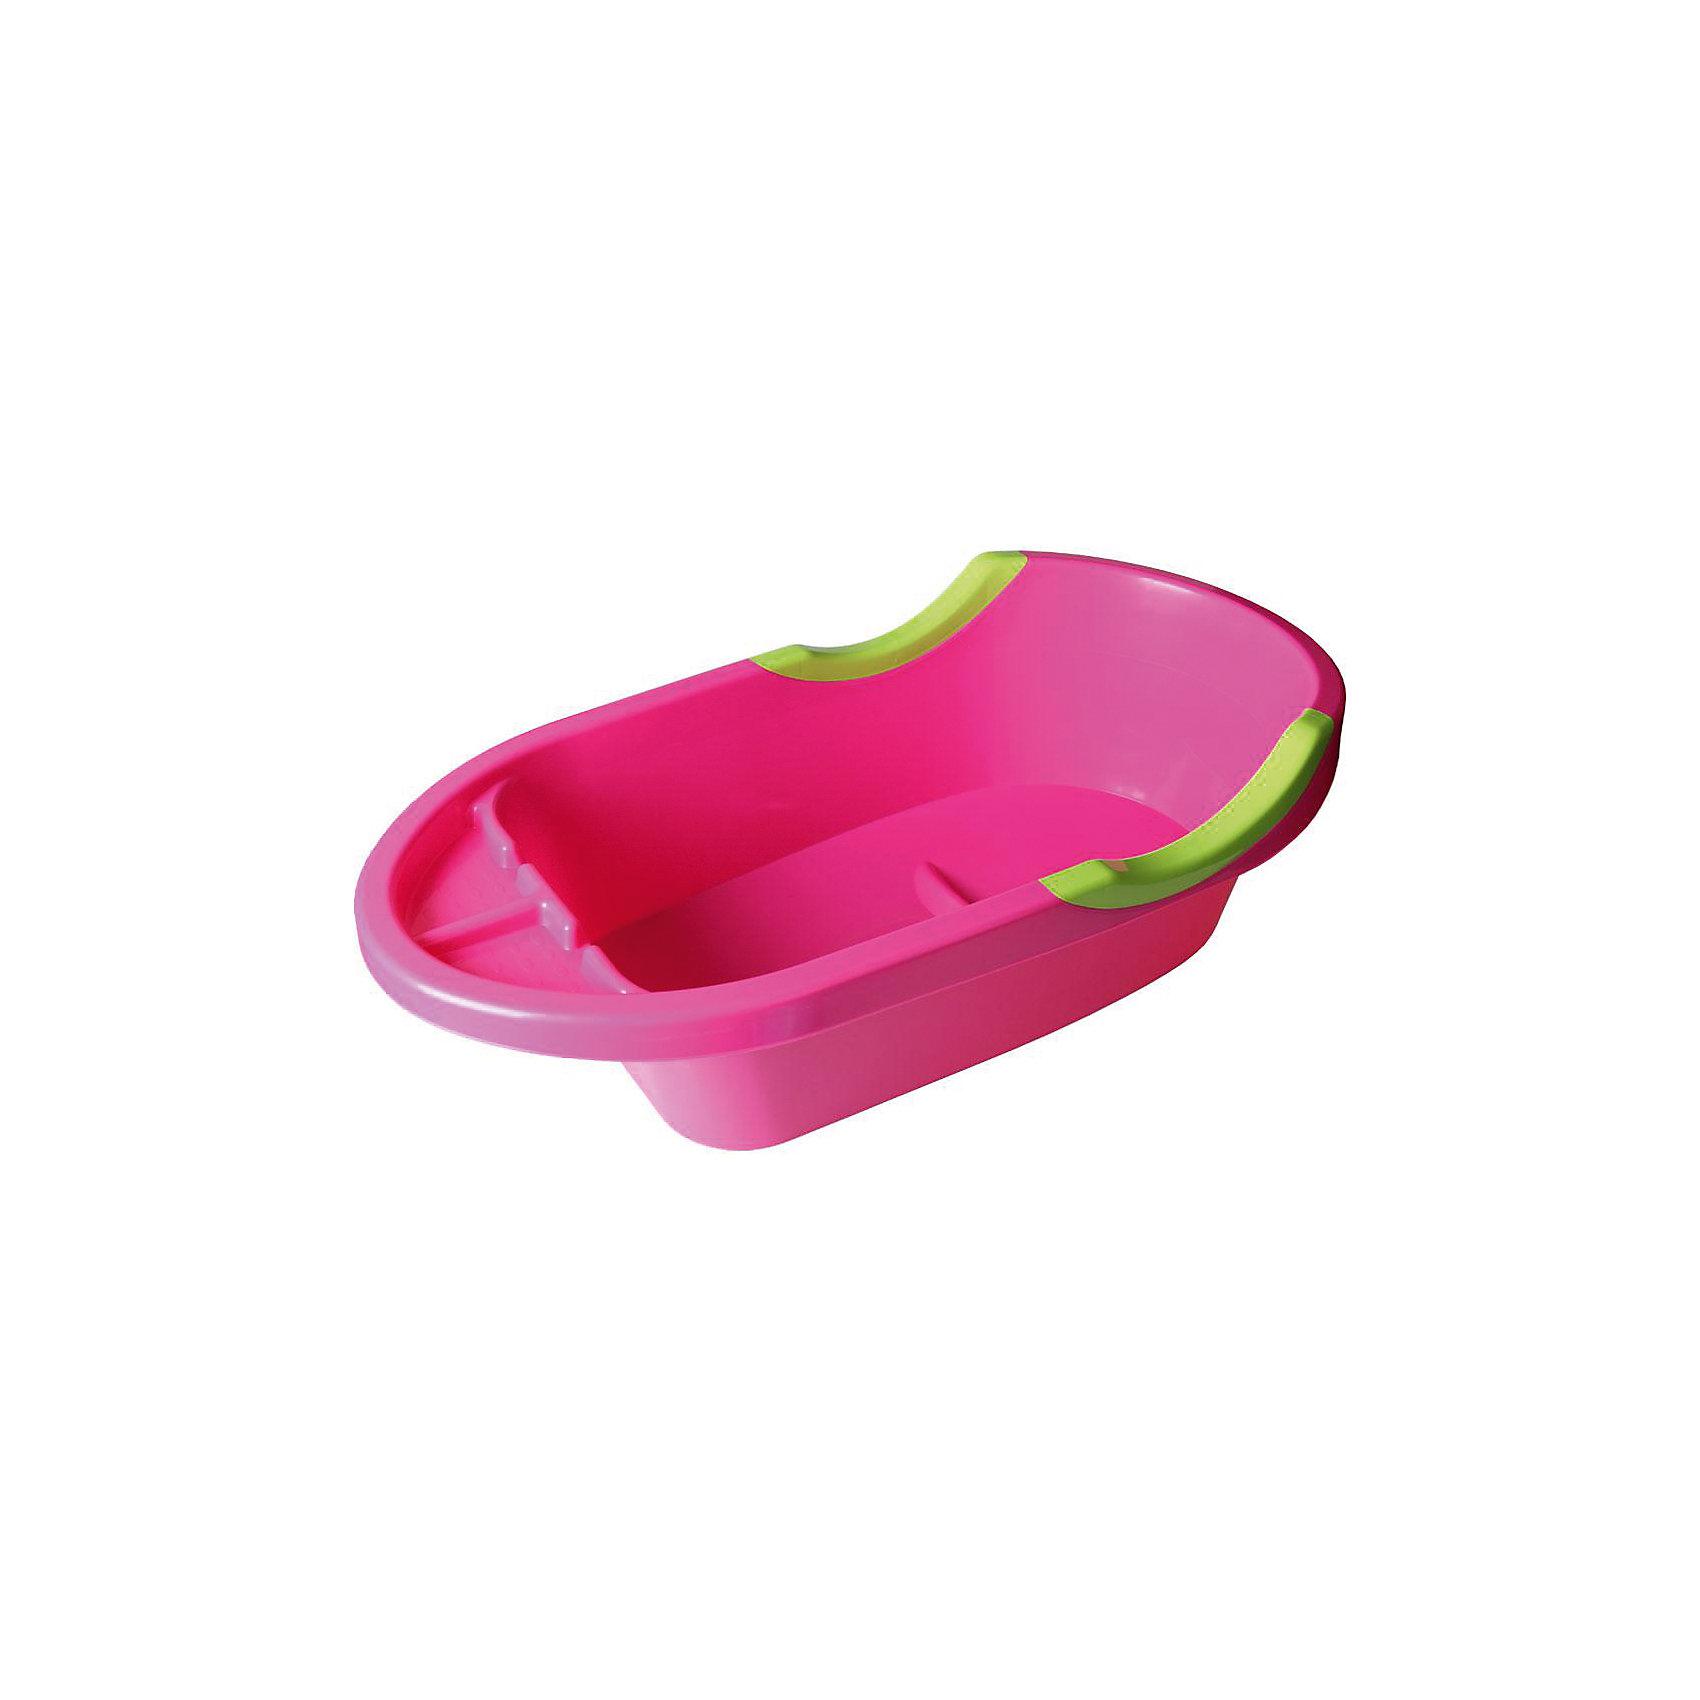 Ванна детская большая Малышок люкс ,  Alternativa, роз.Ванны, горки, сиденья<br>Малышок люкс - объемная ванночка для детей. Благодаря большому размеру, в ванне можно купать и новорожденных, и подросших малышей, умеющих сидеть. С одной стороны ванночки есть удобная подставка для шампуня, пенки или игрушек. Дно оснащено выступом в форме сидения. Бортики имеют углубления для ручек крохи. Такую практичную ванночку по достоинству оценят и малыши, и взрослые! <br><br>Дополнительная информация:<br>Цвет: розовый<br>Размер: 90,4х47,5х25,5 см<br><br>Большую детскую ванну Малышок люкс можно приобрести в нашем интернет-магазине.<br><br>Ширина мм: 904<br>Глубина мм: 475<br>Высота мм: 255<br>Вес г: 1392<br>Возраст от месяцев: 0<br>Возраст до месяцев: 6<br>Пол: Унисекс<br>Возраст: Детский<br>SKU: 4979674